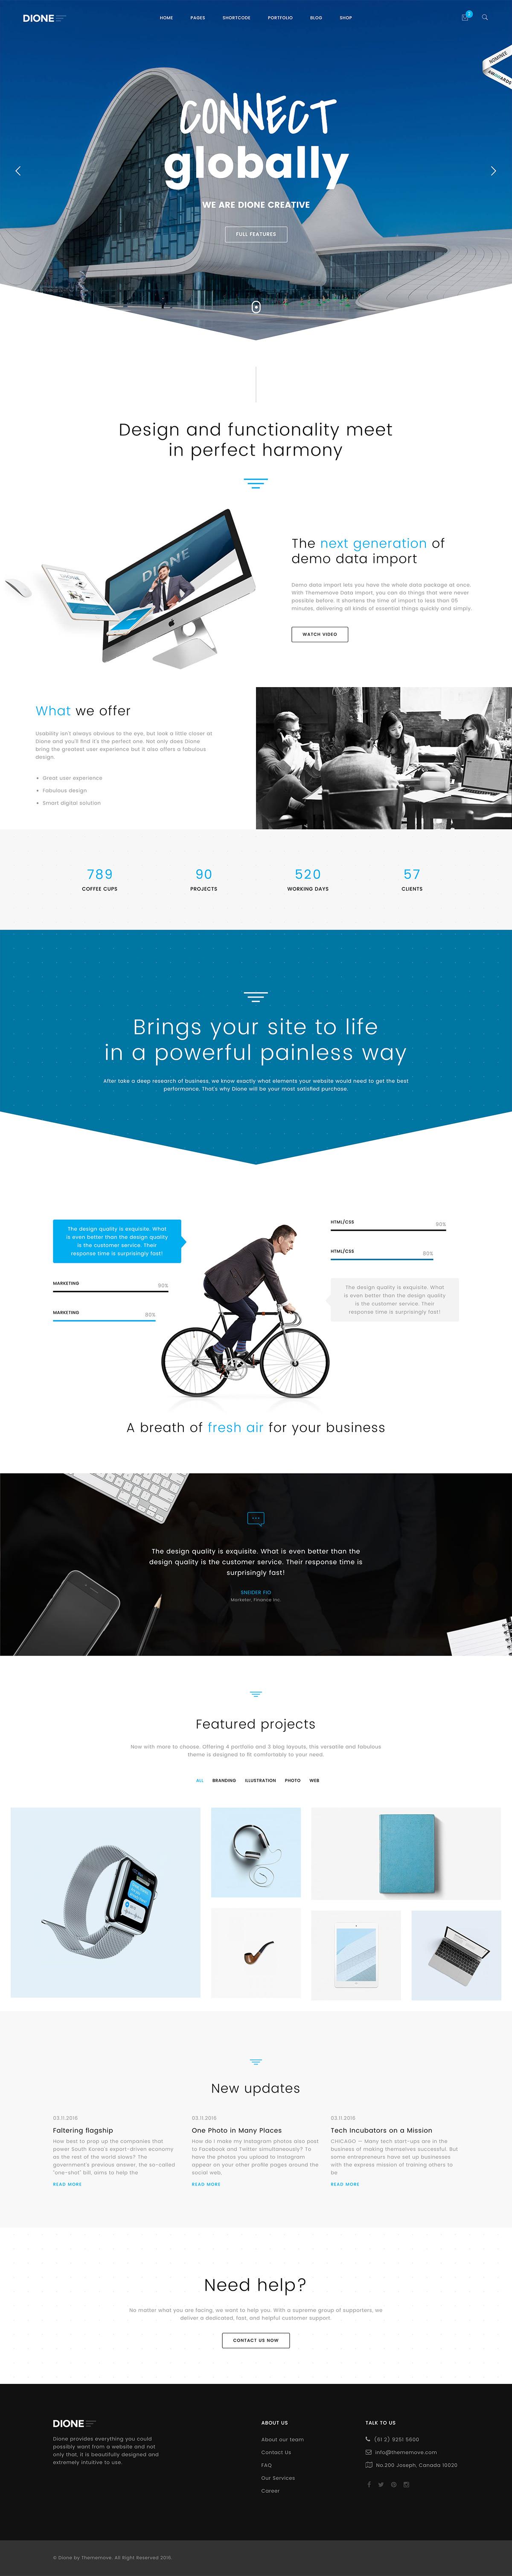 Dione - Enterprise Multi-Purpose WordPress Theme